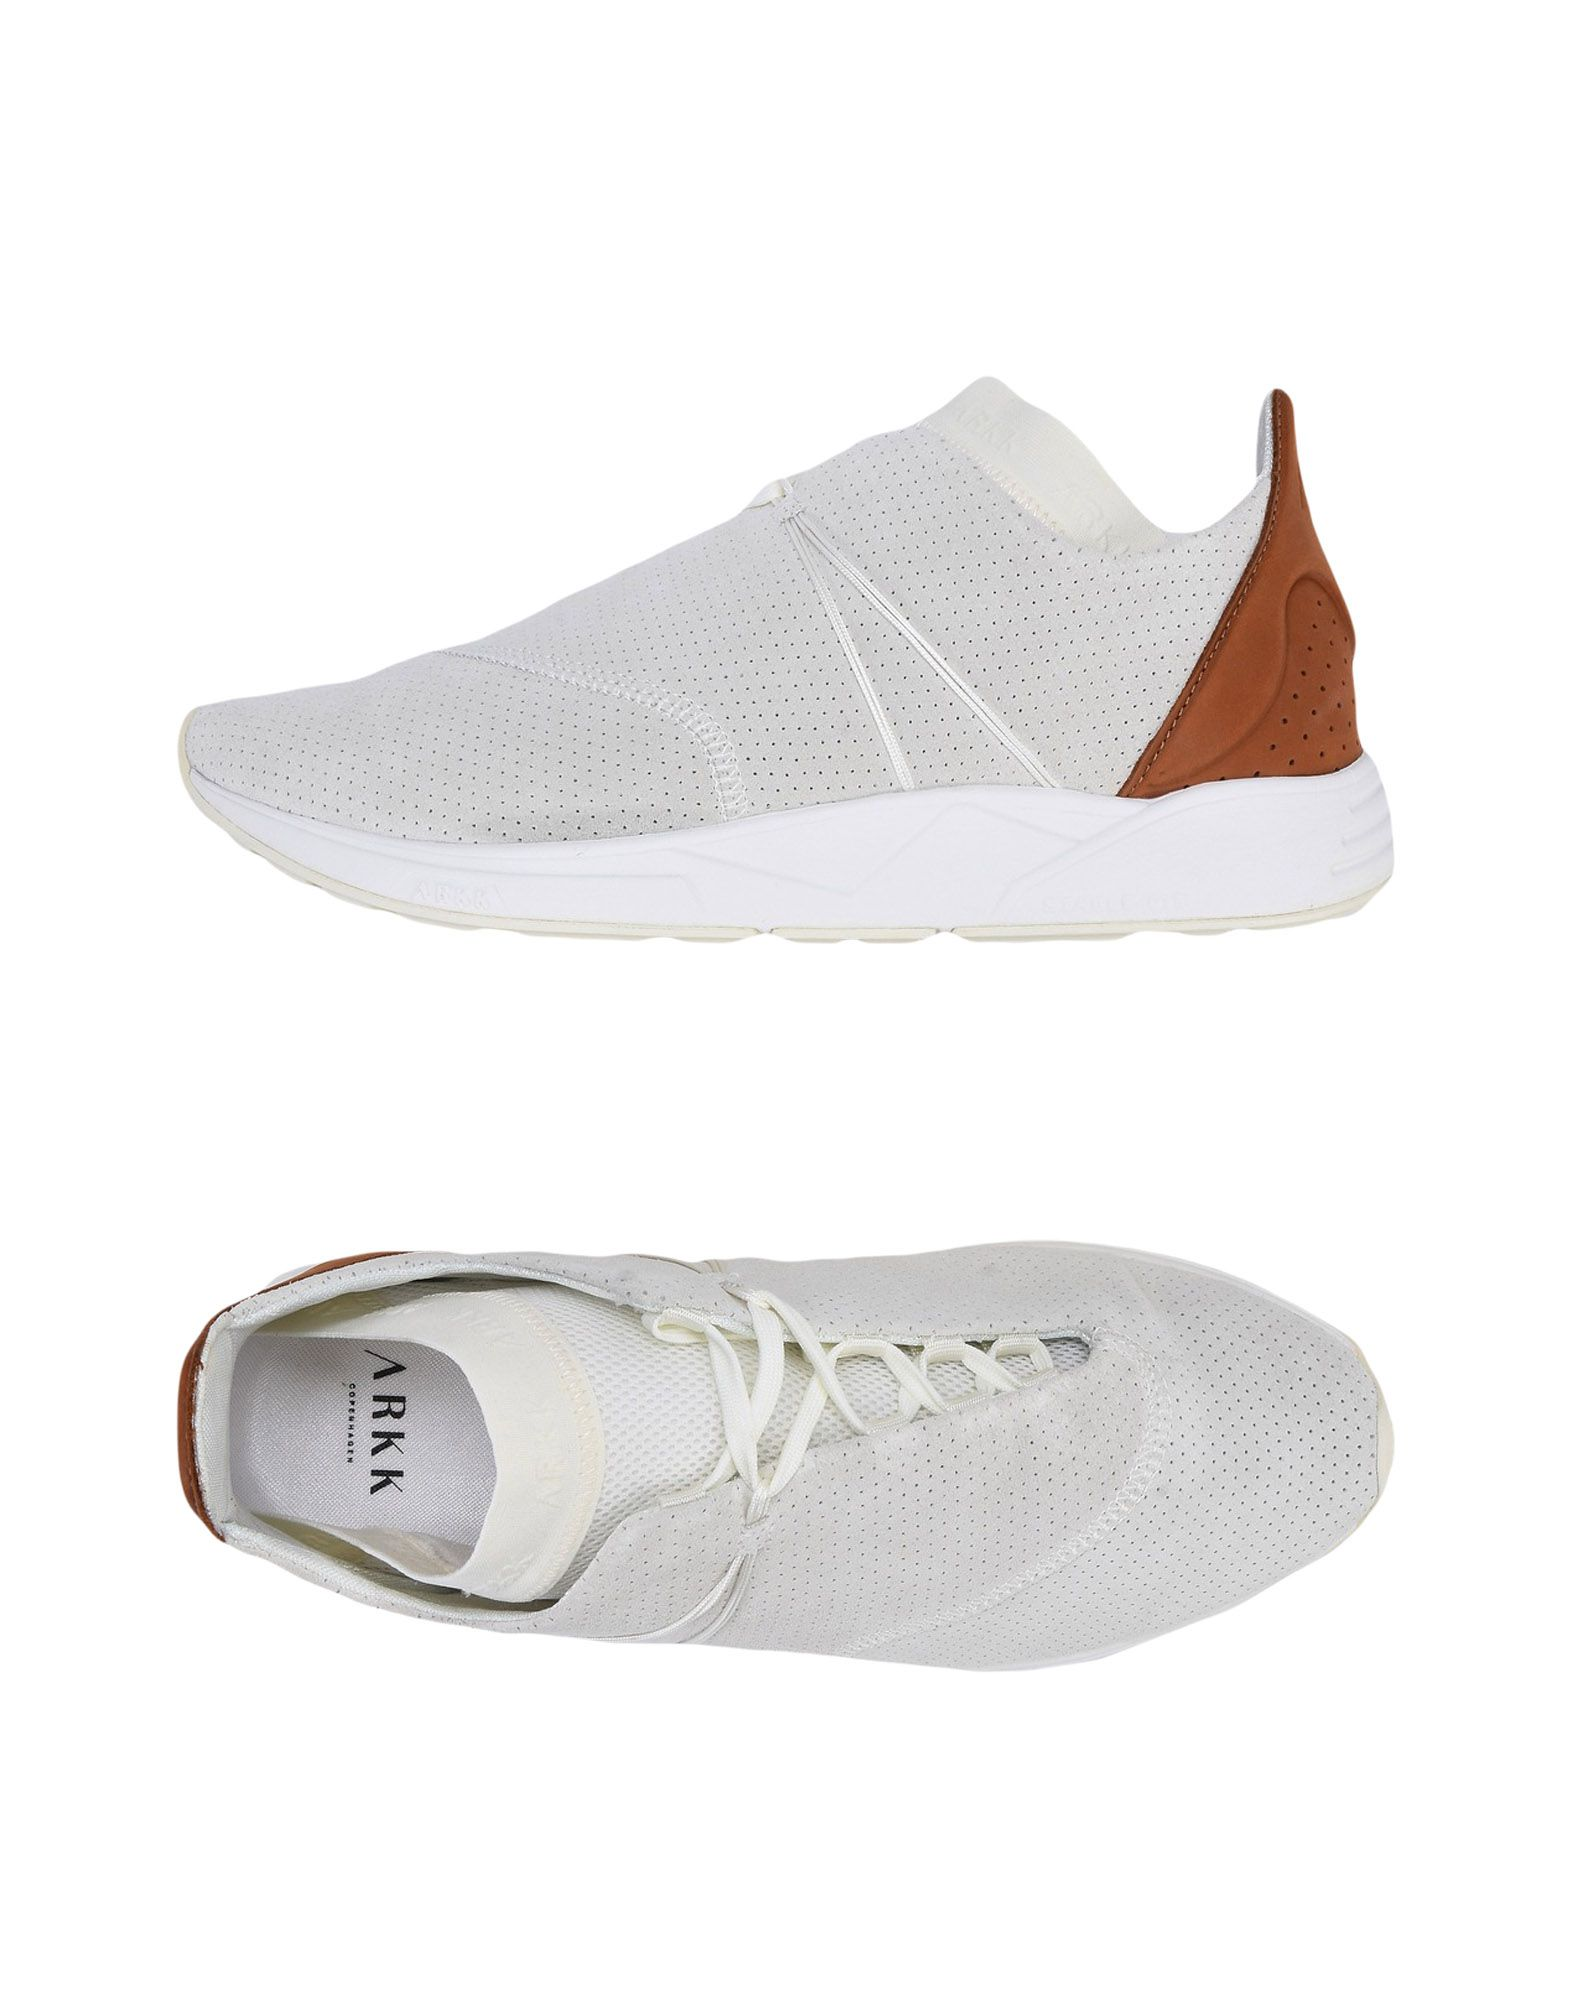 Sneakers Arkk Copenhagen Copenhagen Copenhagen Eaglezero Suede S-E15 Off White - Uomo - 11406291AW 5b1aa4